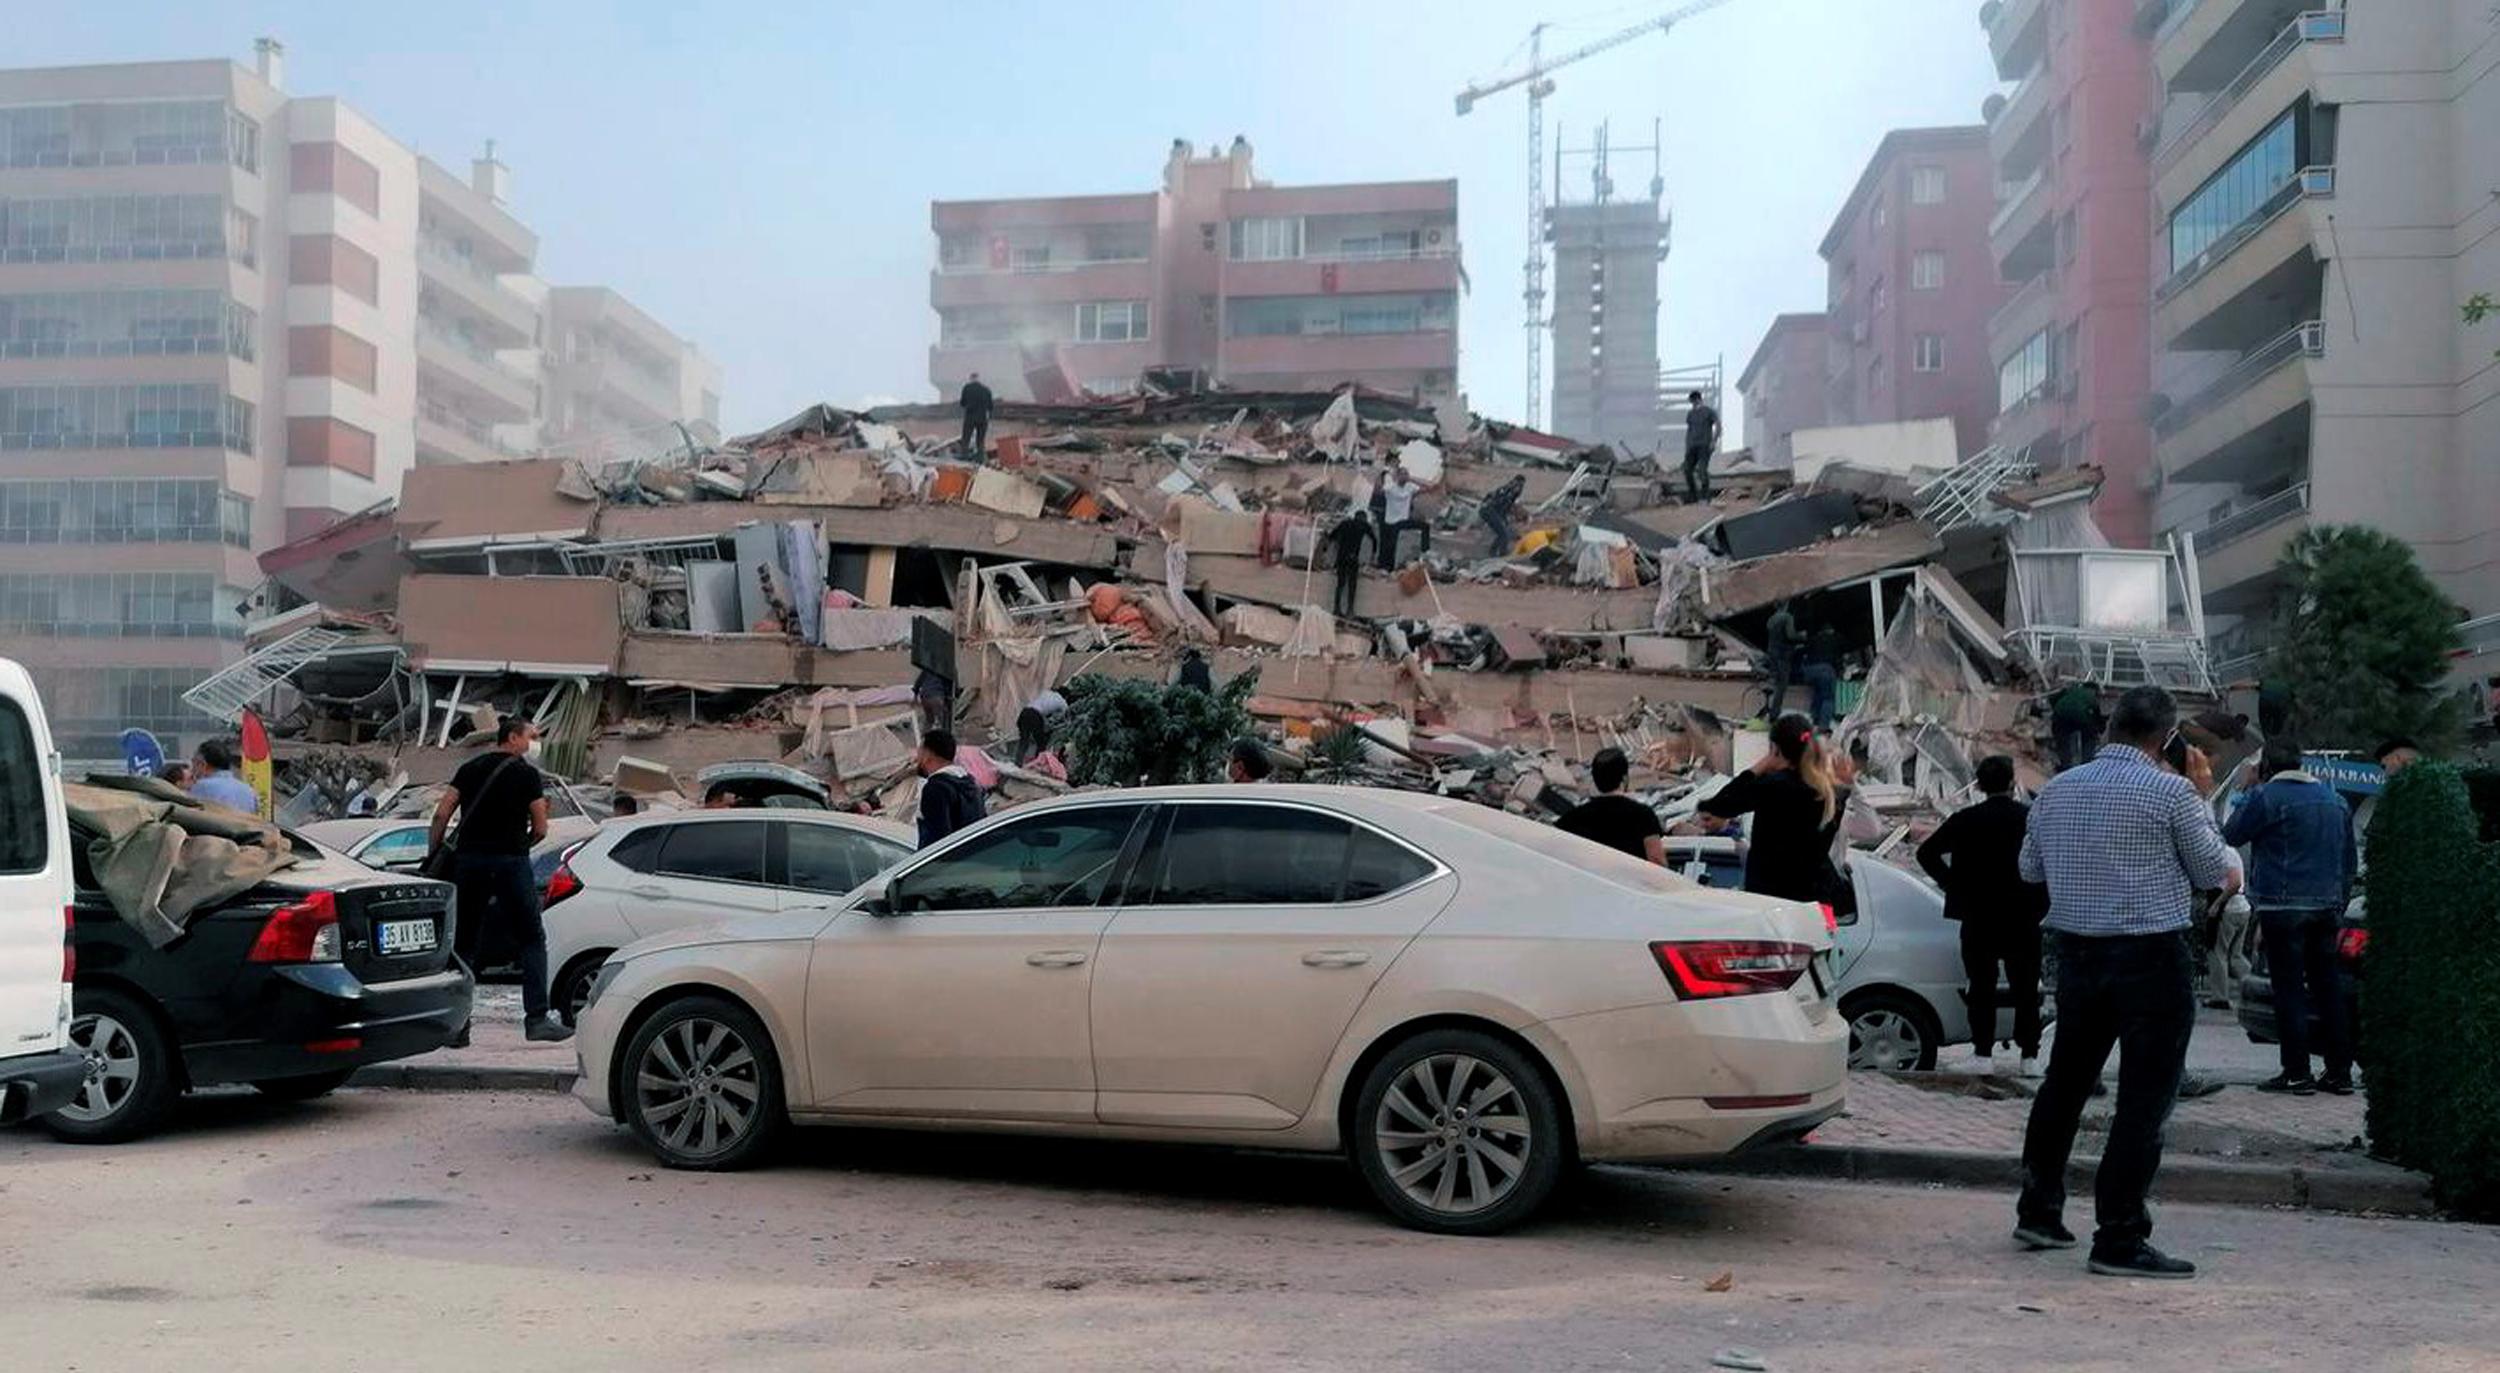 turquia:-al-menos-8-muertos-y-20-edificios-derrumbados-por-el-potente-terremoto-de-6,7°